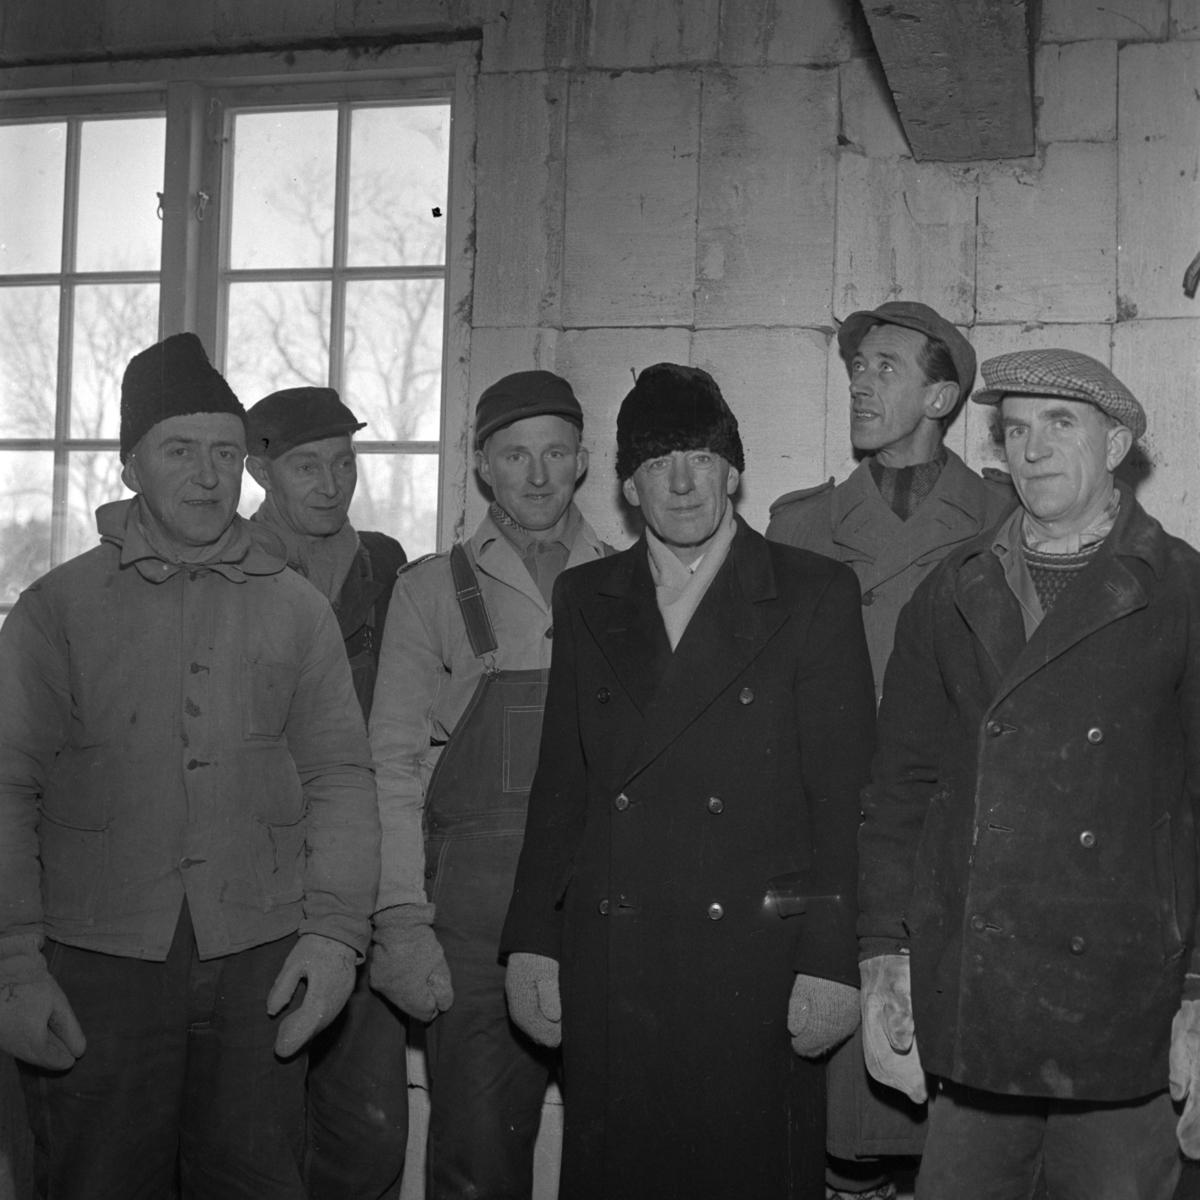 Interiørbilde med gruppeporttrett. Aust-Agder-Museets første byggetrinn  - senere arkivfløy -  på Langsæ.  Kranselag. Gruppeportrett med håndverkerne.  Albert Ugland  -  foran i midten.